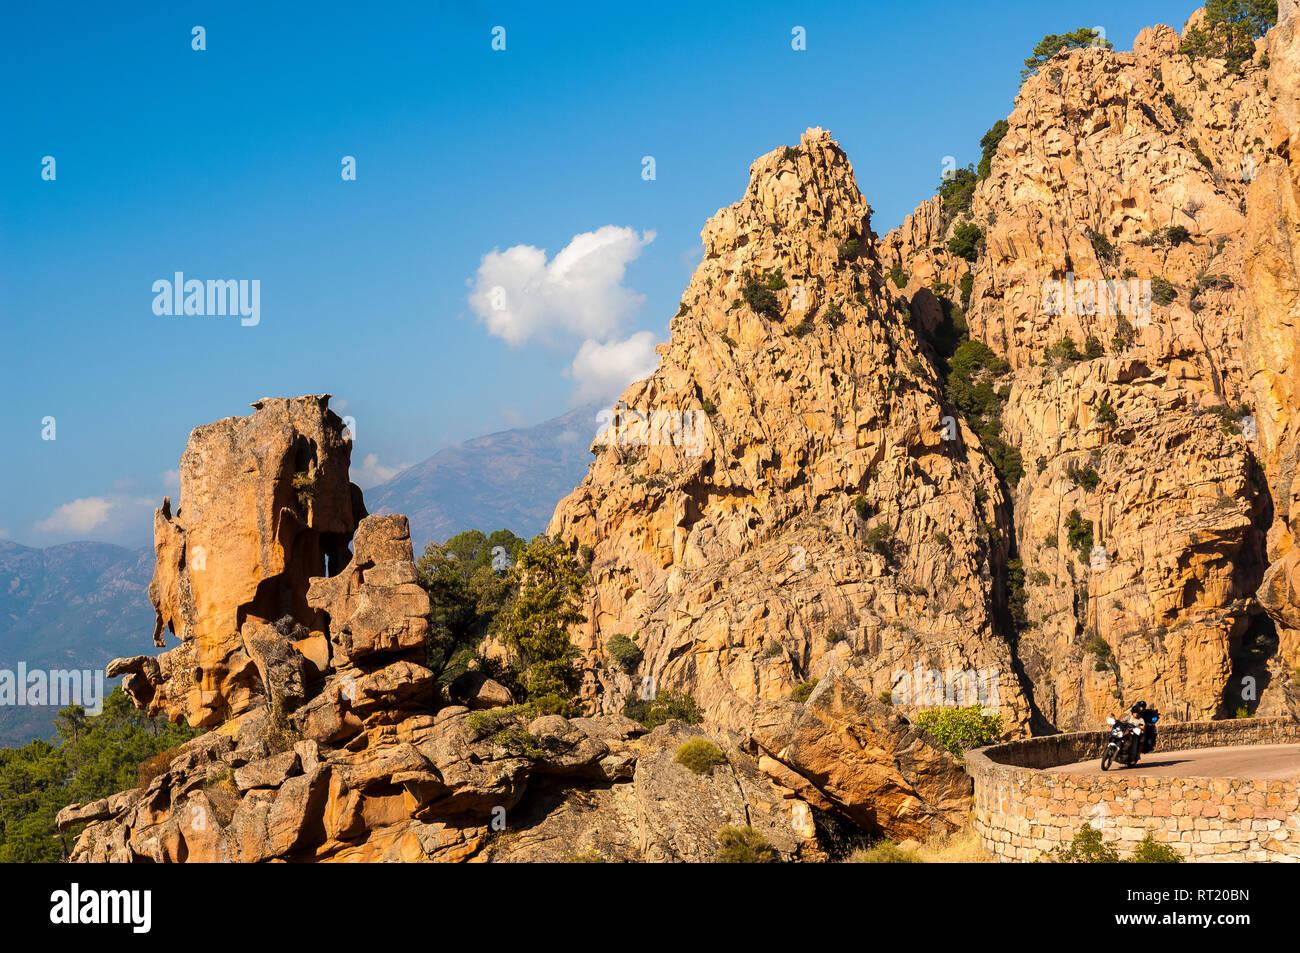 Calanche de Piana route de Porto Haute Corse Francia Immagini Stock